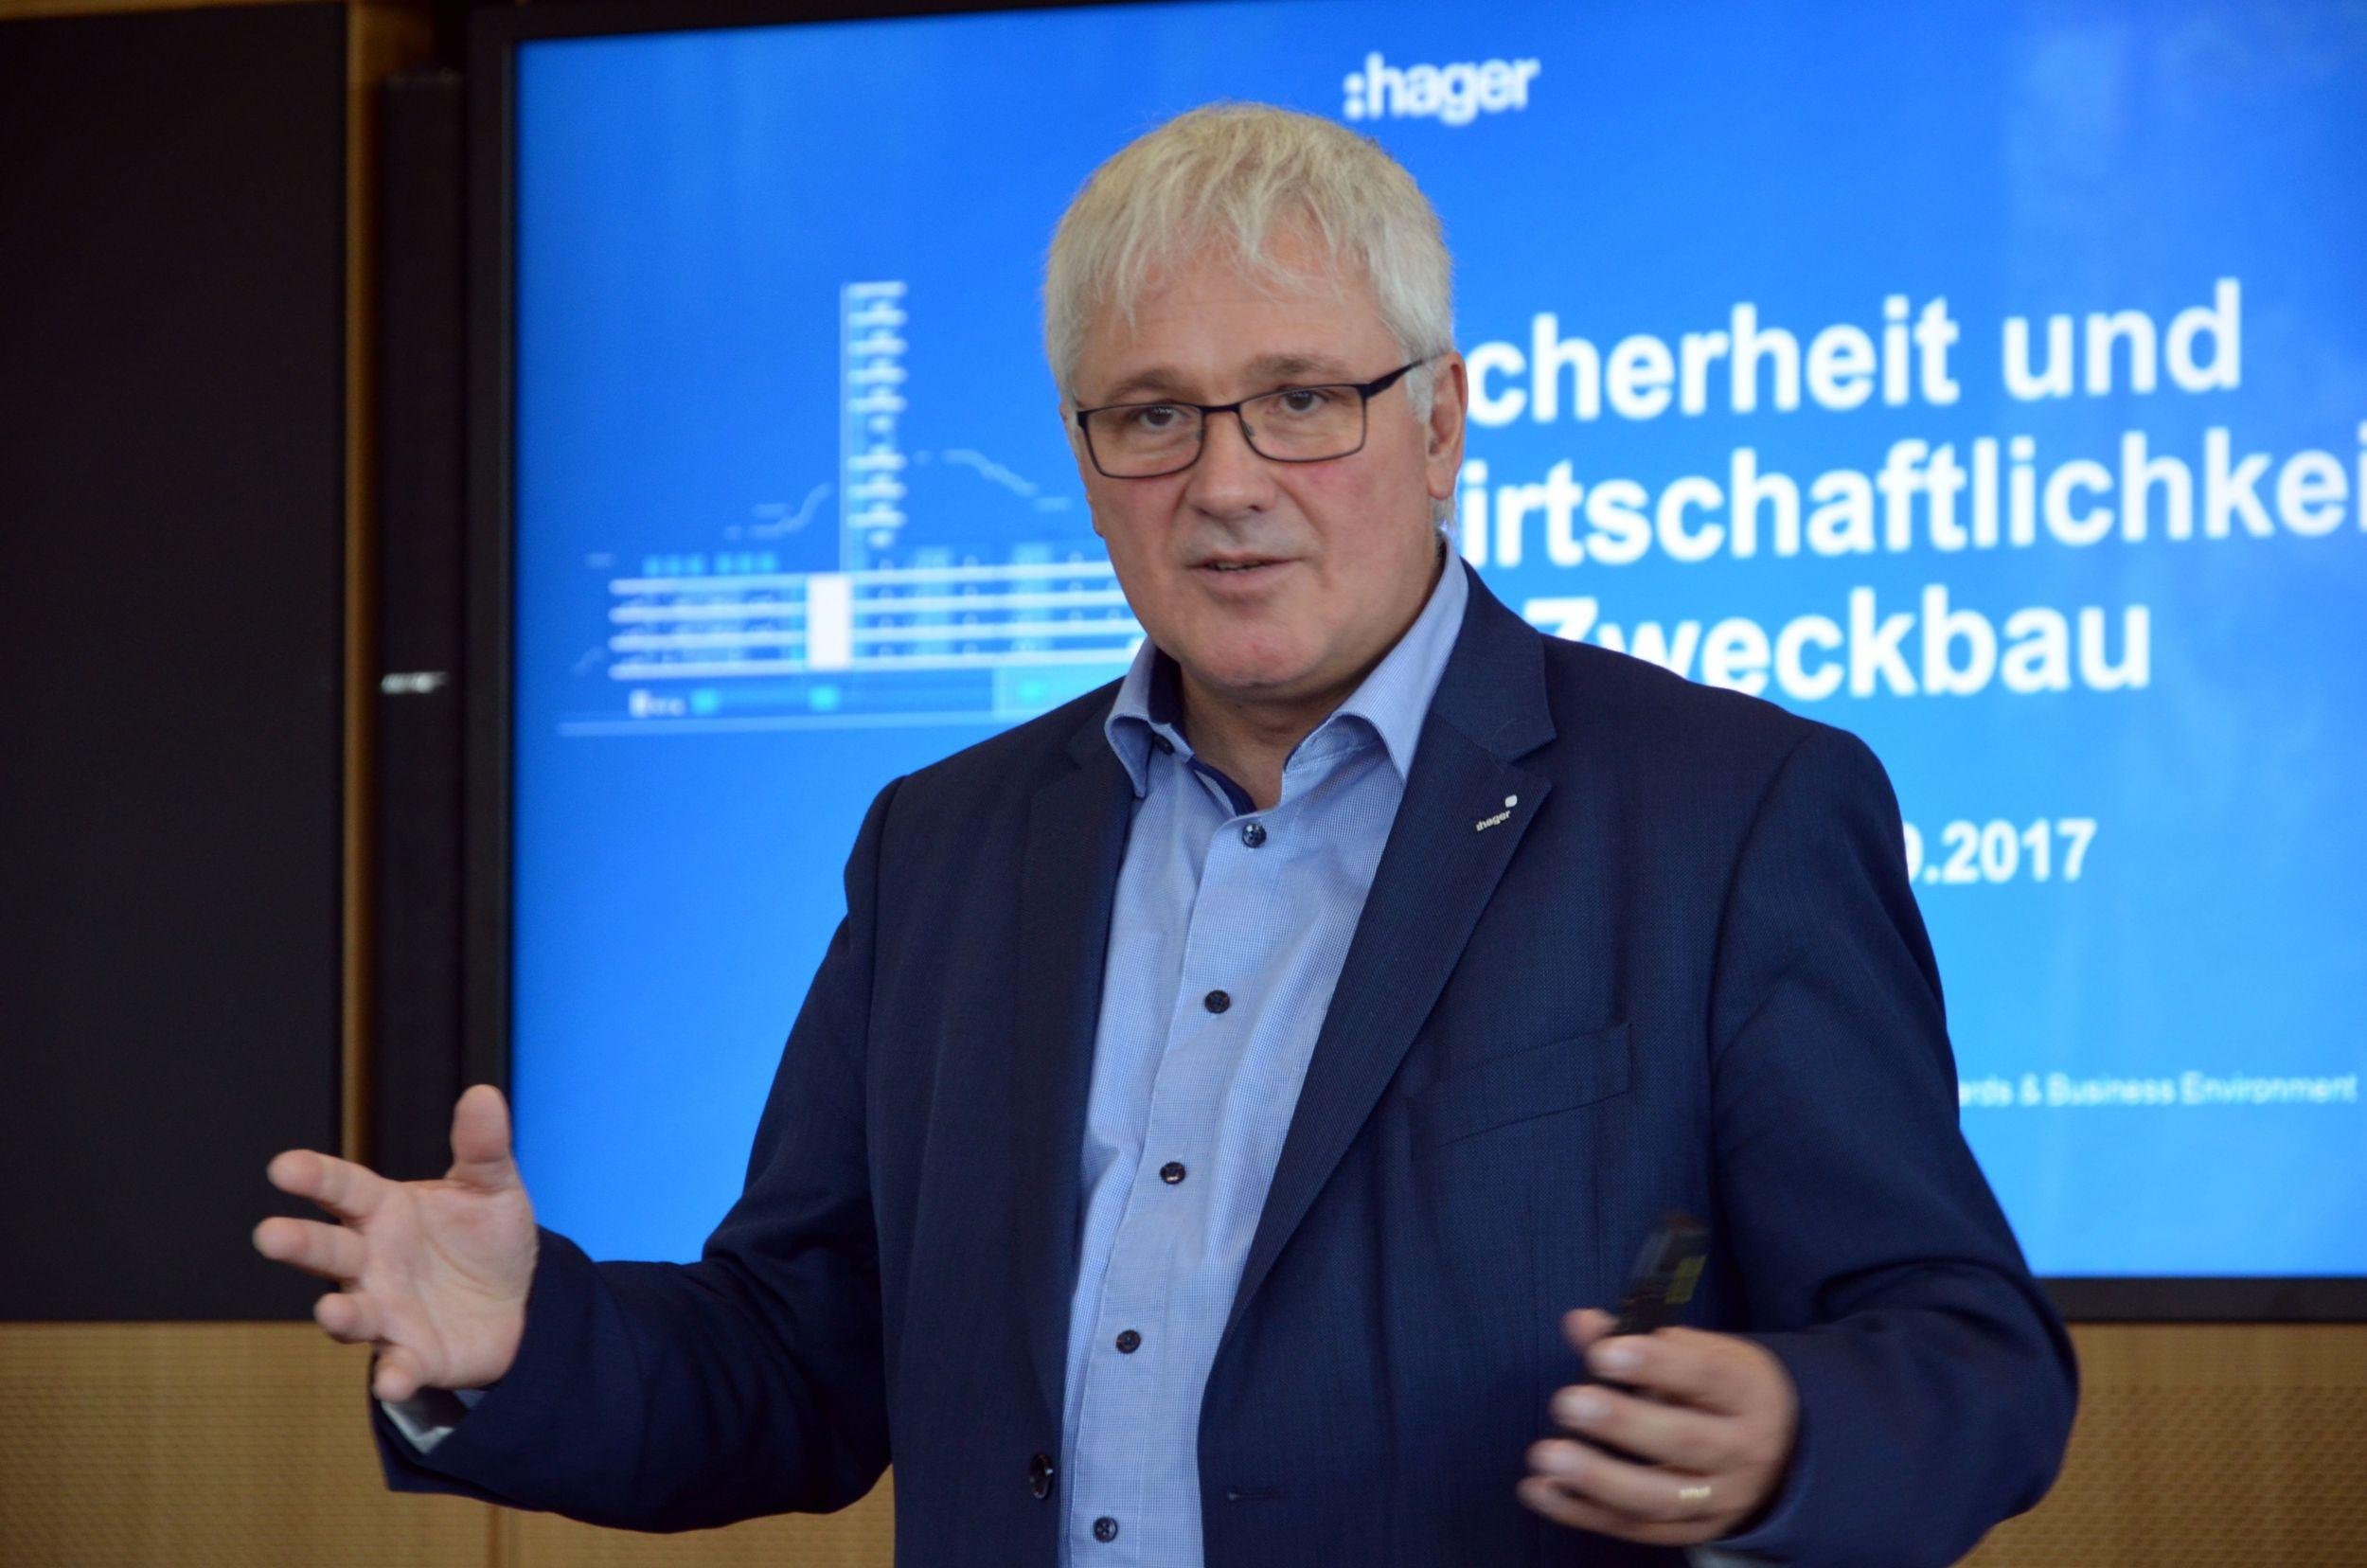 Elektrotechnik und Gebäudeautomation im Hager Forum